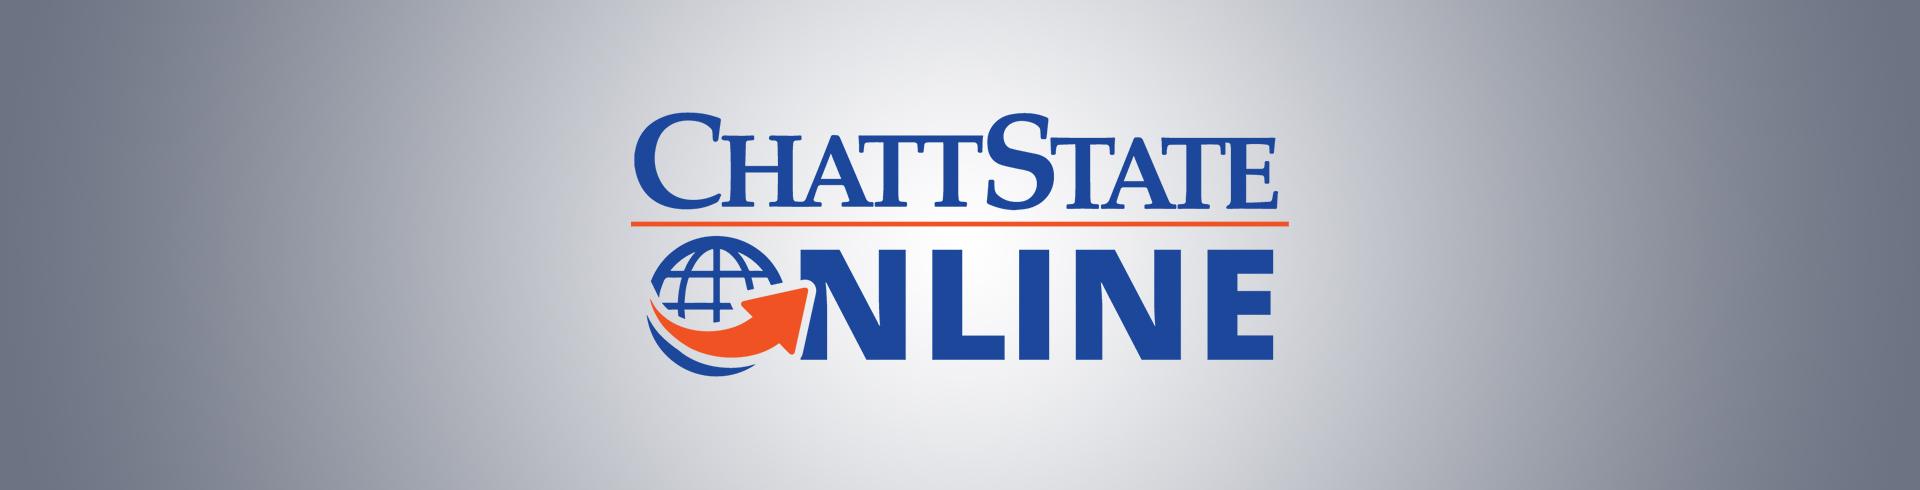 ChattState Online logo banner